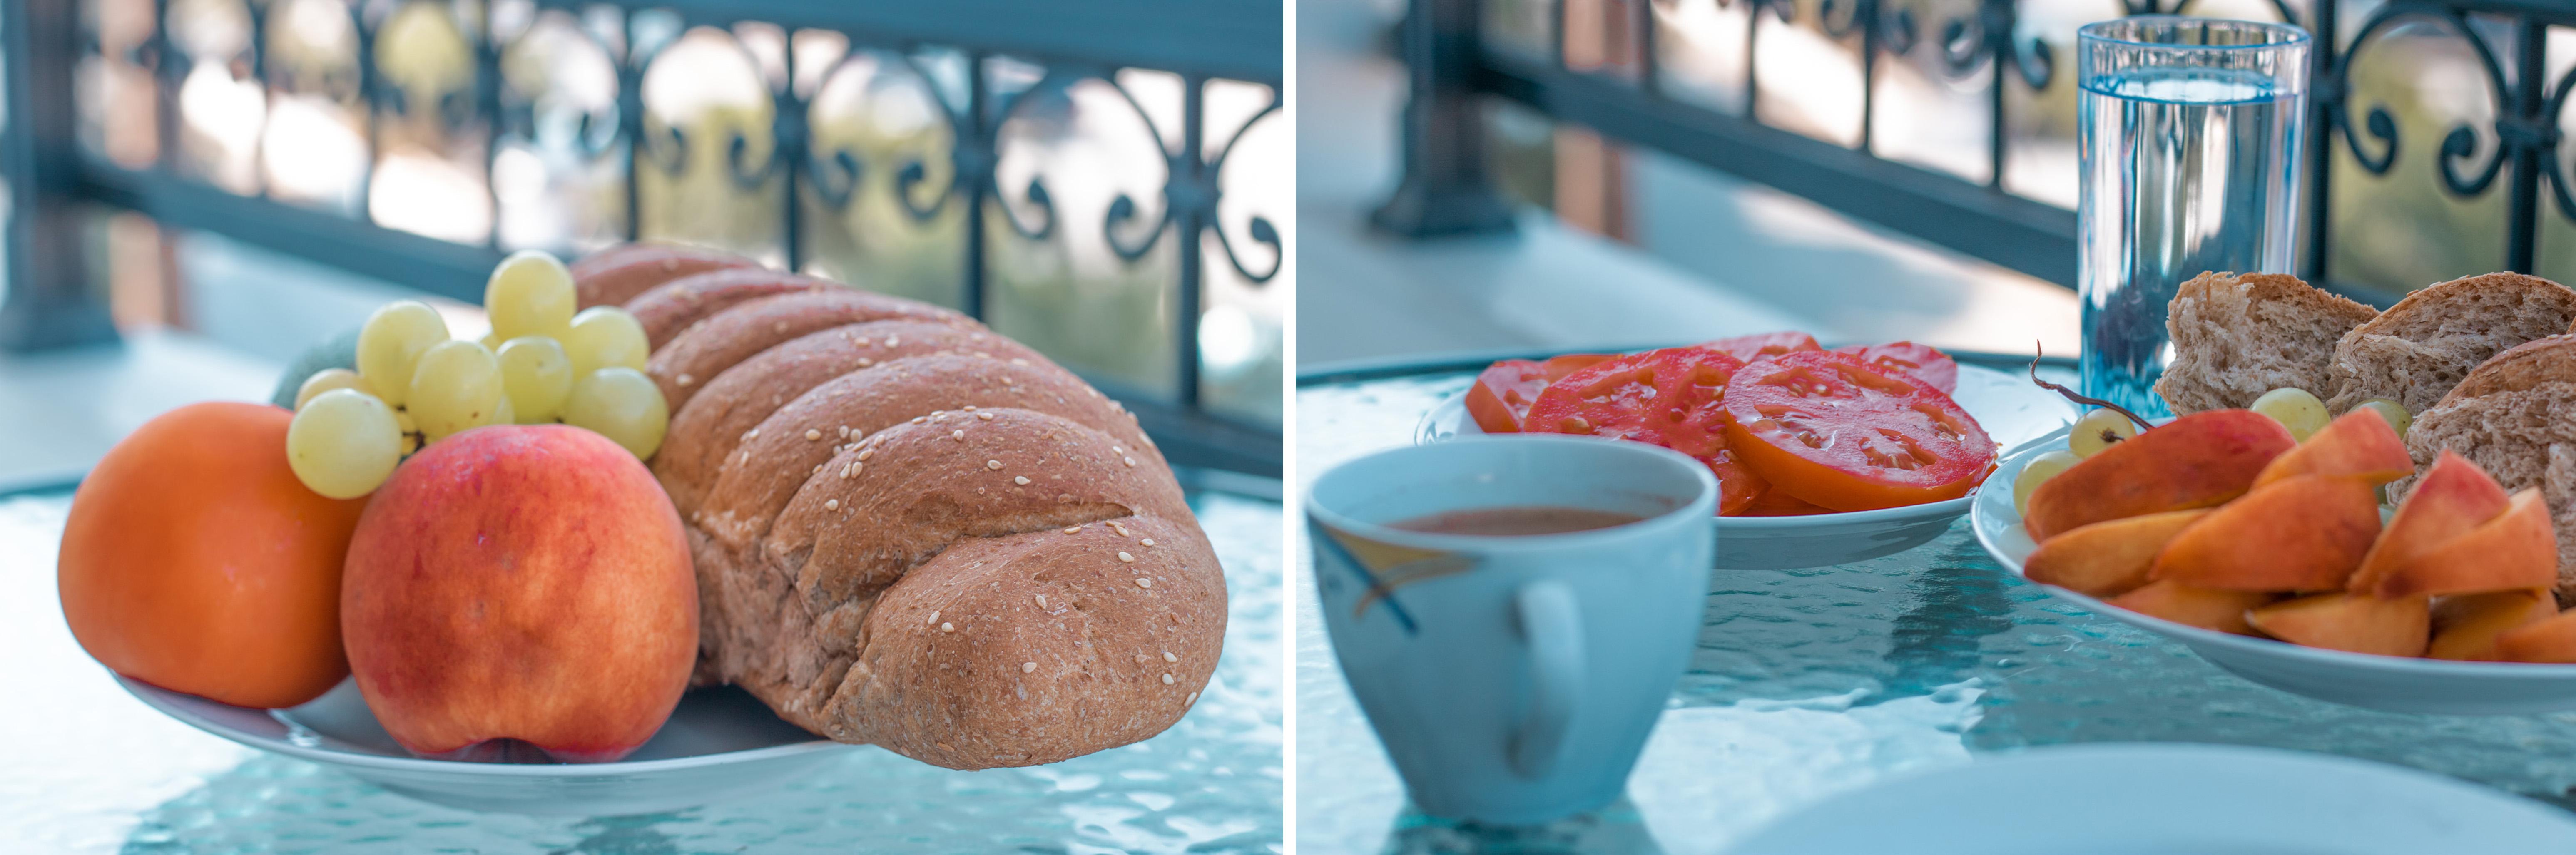 In Fourni machen wir selbst Frühstück am Balkon - es gibt Brot, Tomaten, Nektarine, Weintrauben und griechischen Kaffee - wir leben vegan